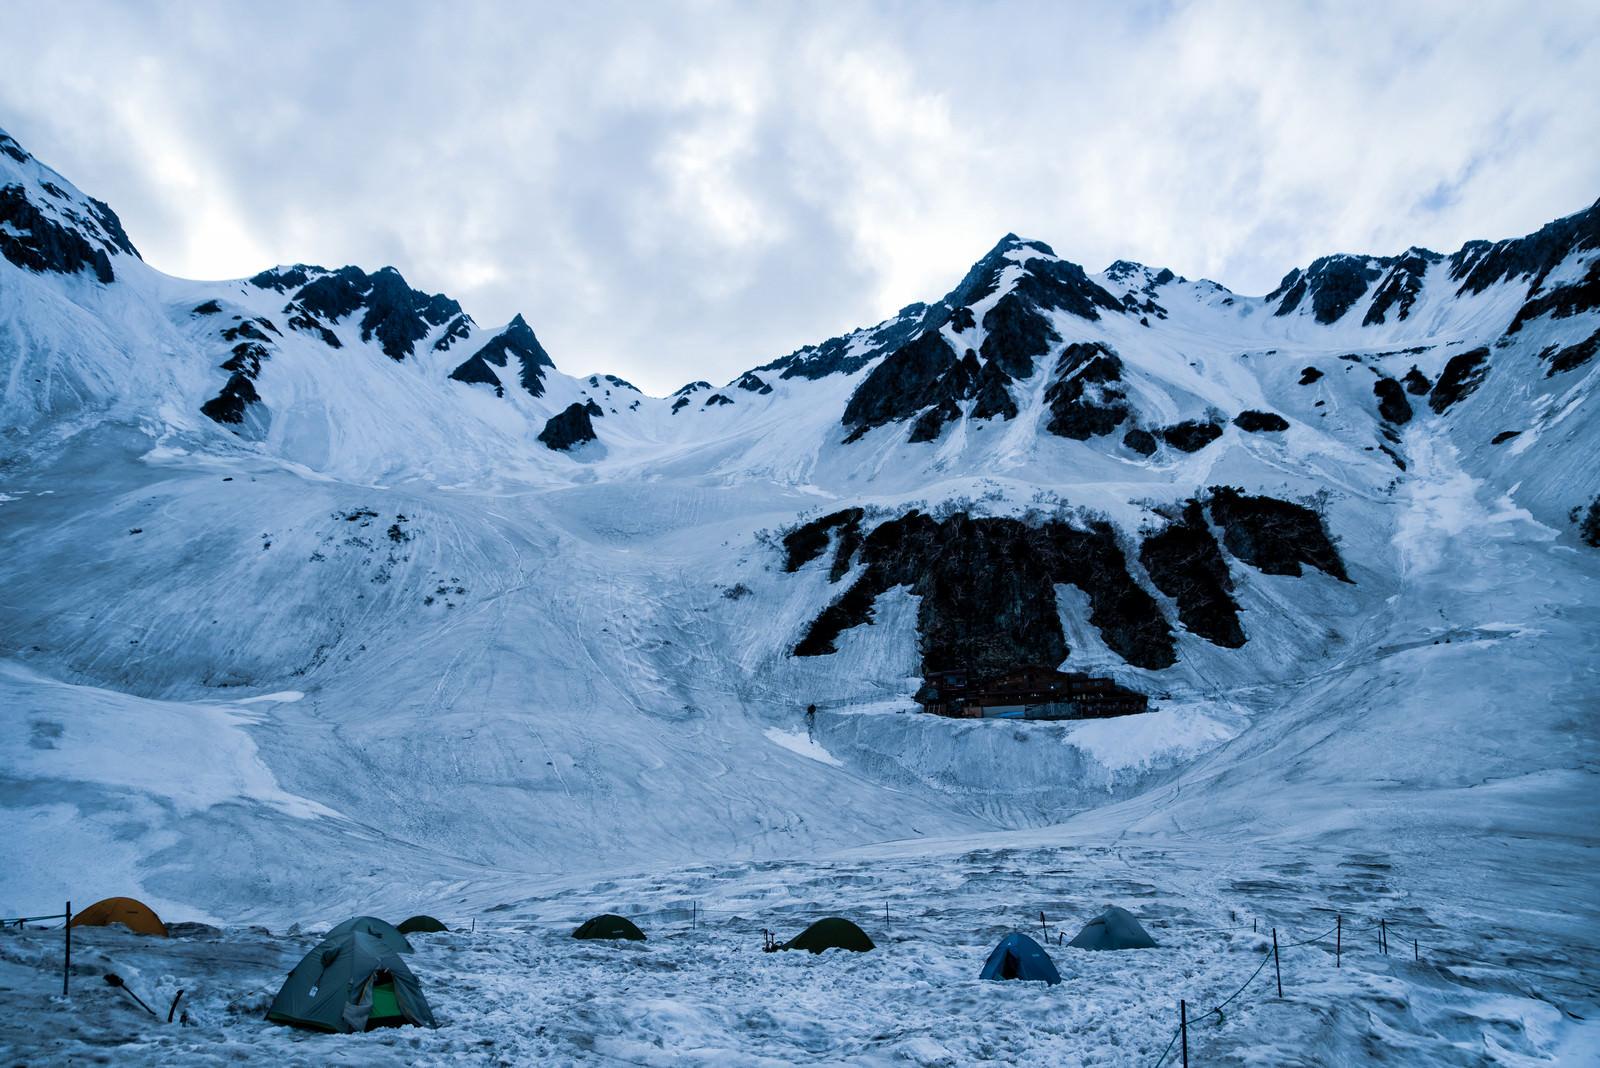 「涸沢のテント場と山小屋」の写真